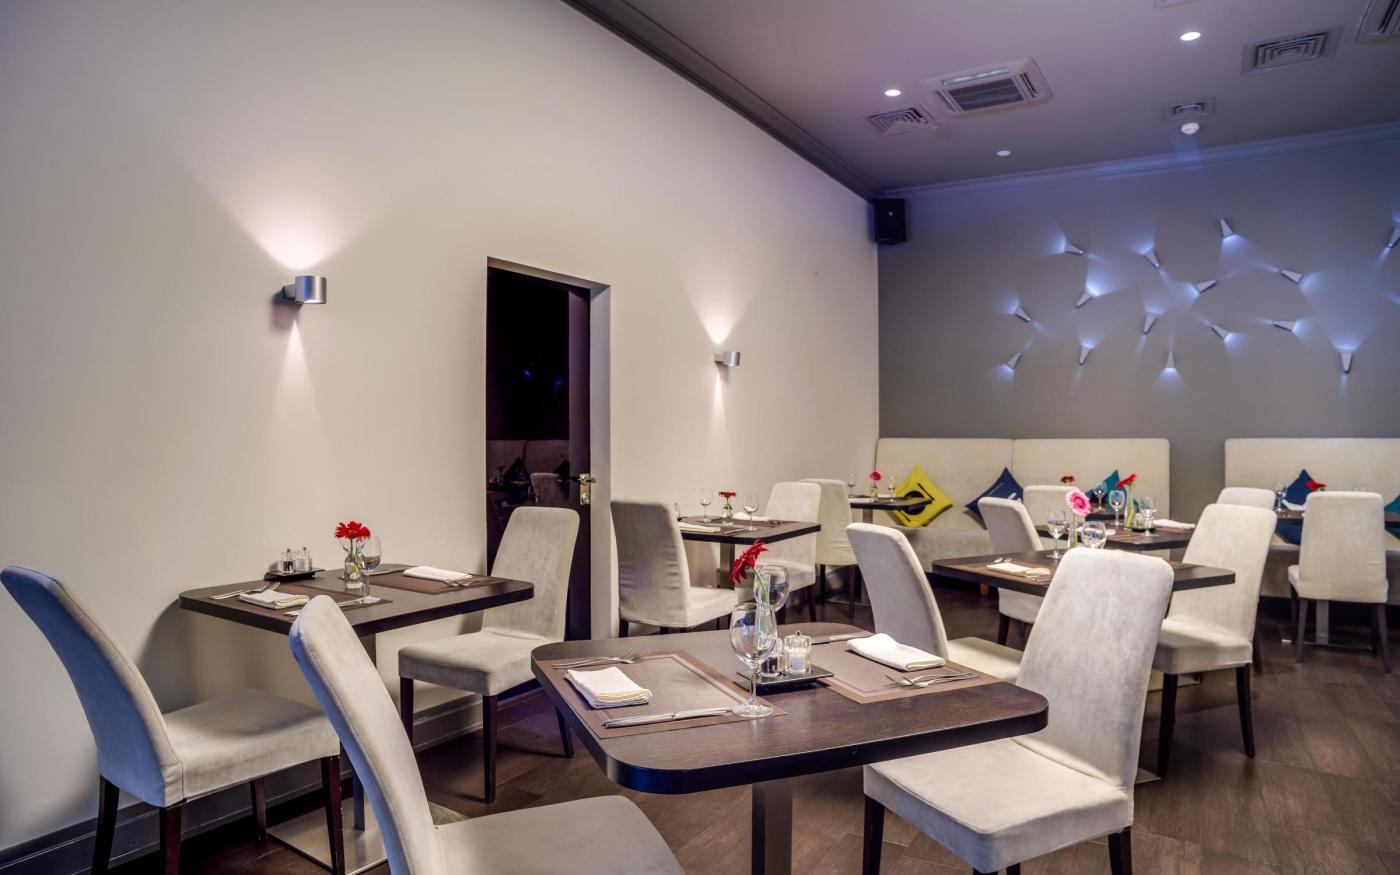 Ресторан Груша на Новаторов (Гастрономическое Ателье) фото 15